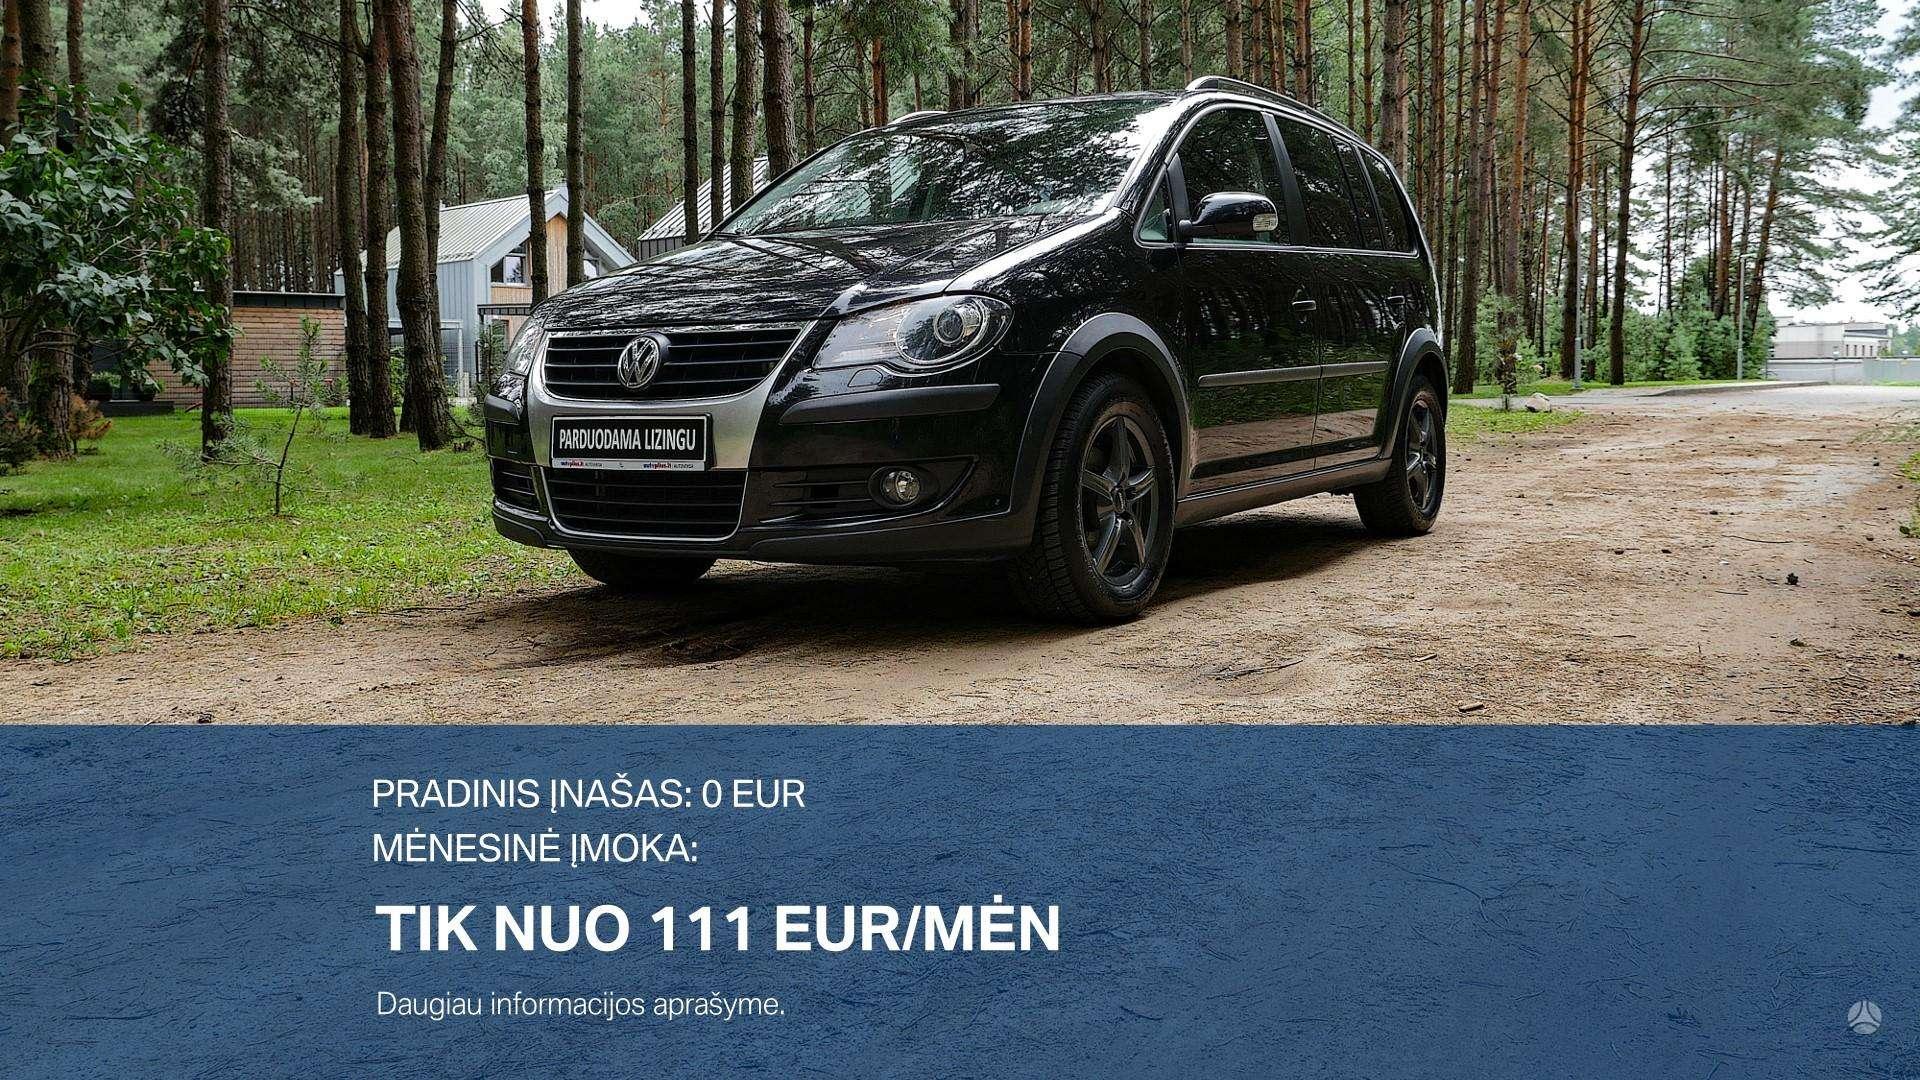 Volkswagen Touran Išsimokėtinai nuo 111Eur/Mėn su 3 mėnesių garantija